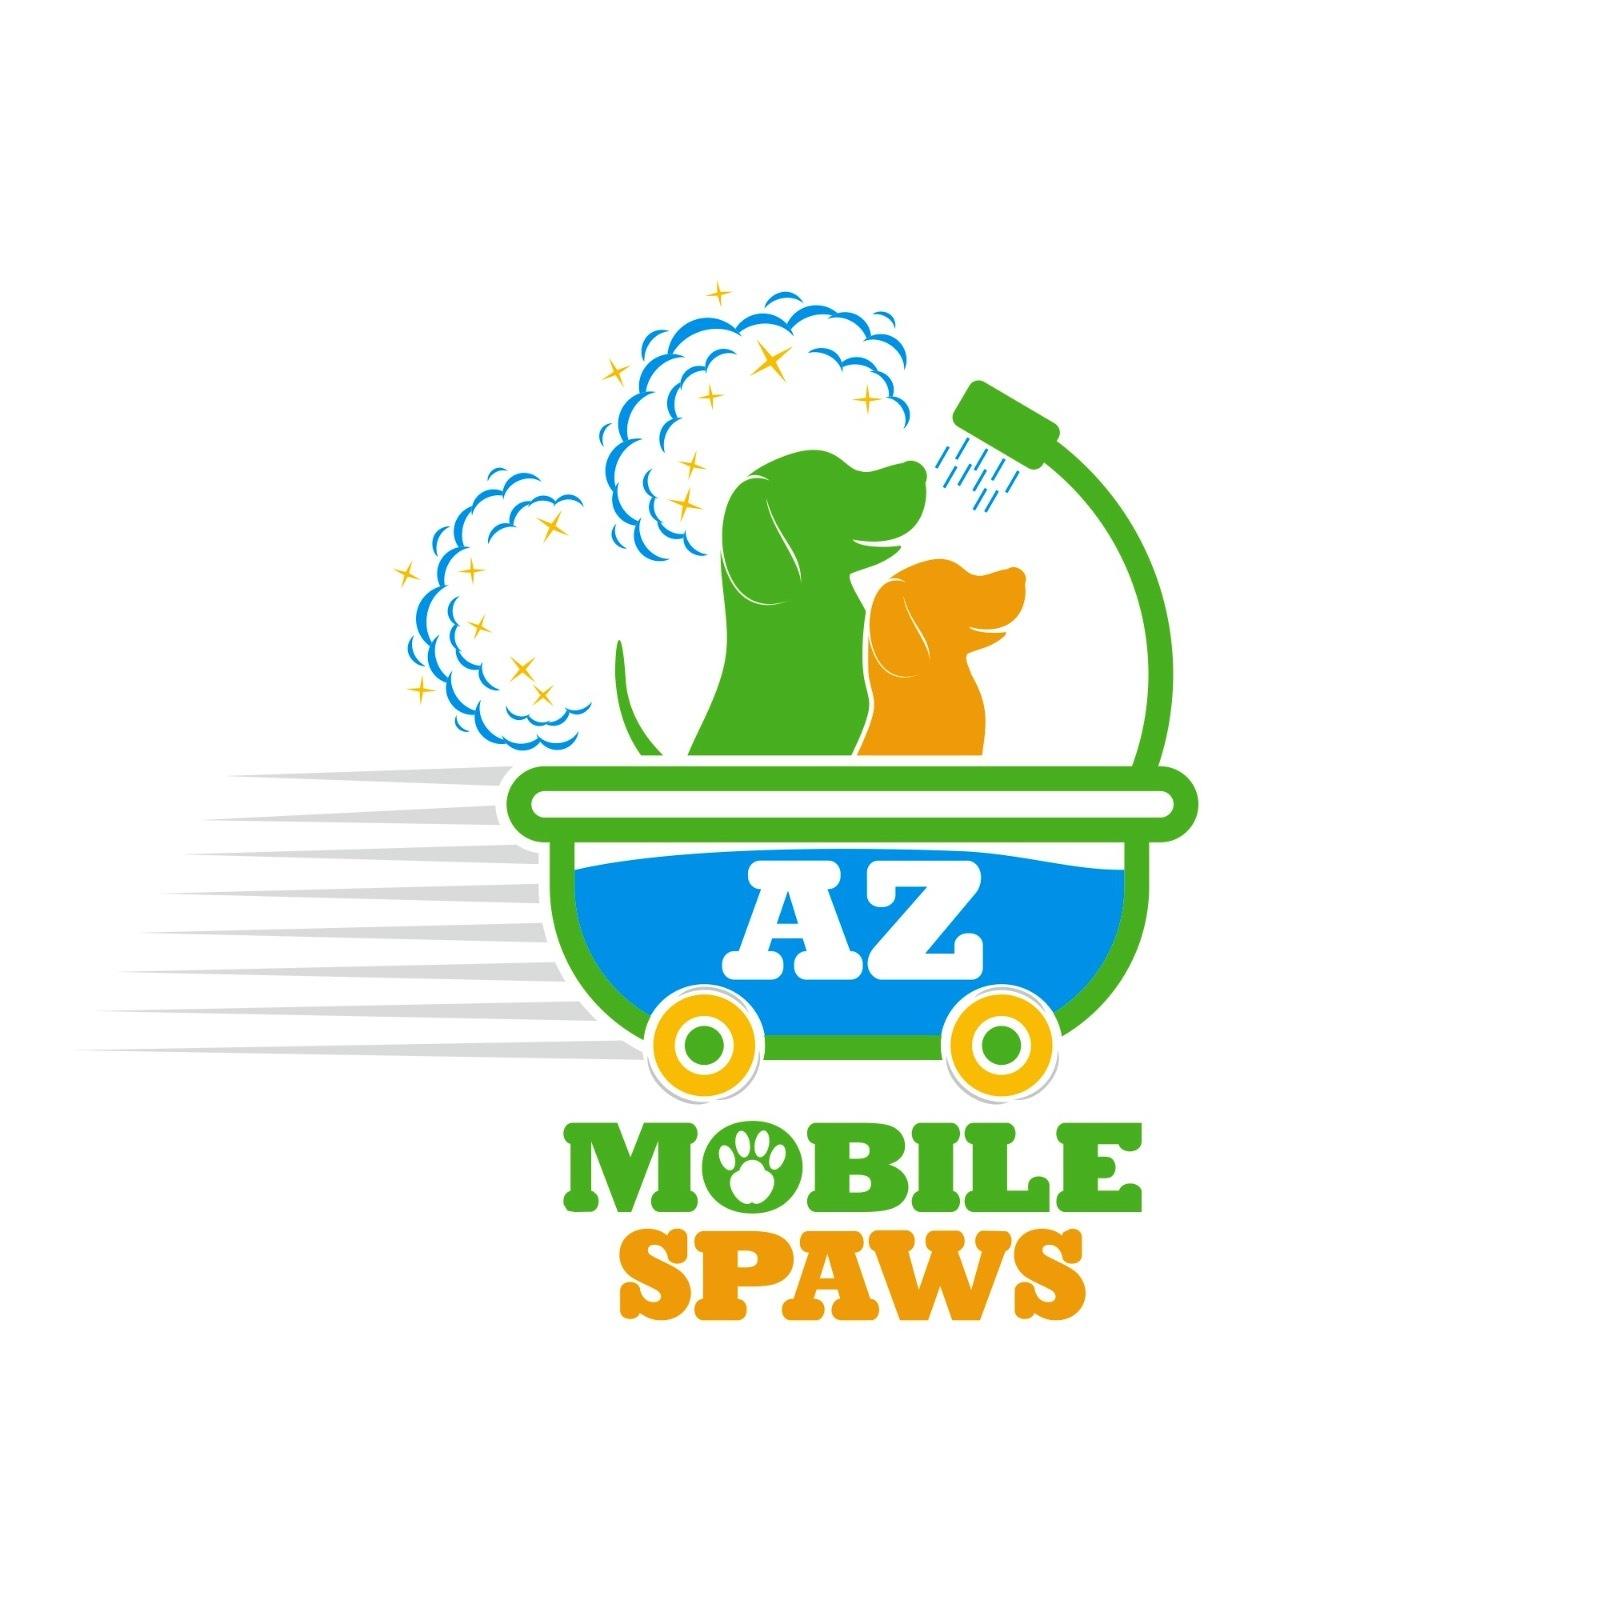 AZ Mobile Spaws - Phoenix, AZ